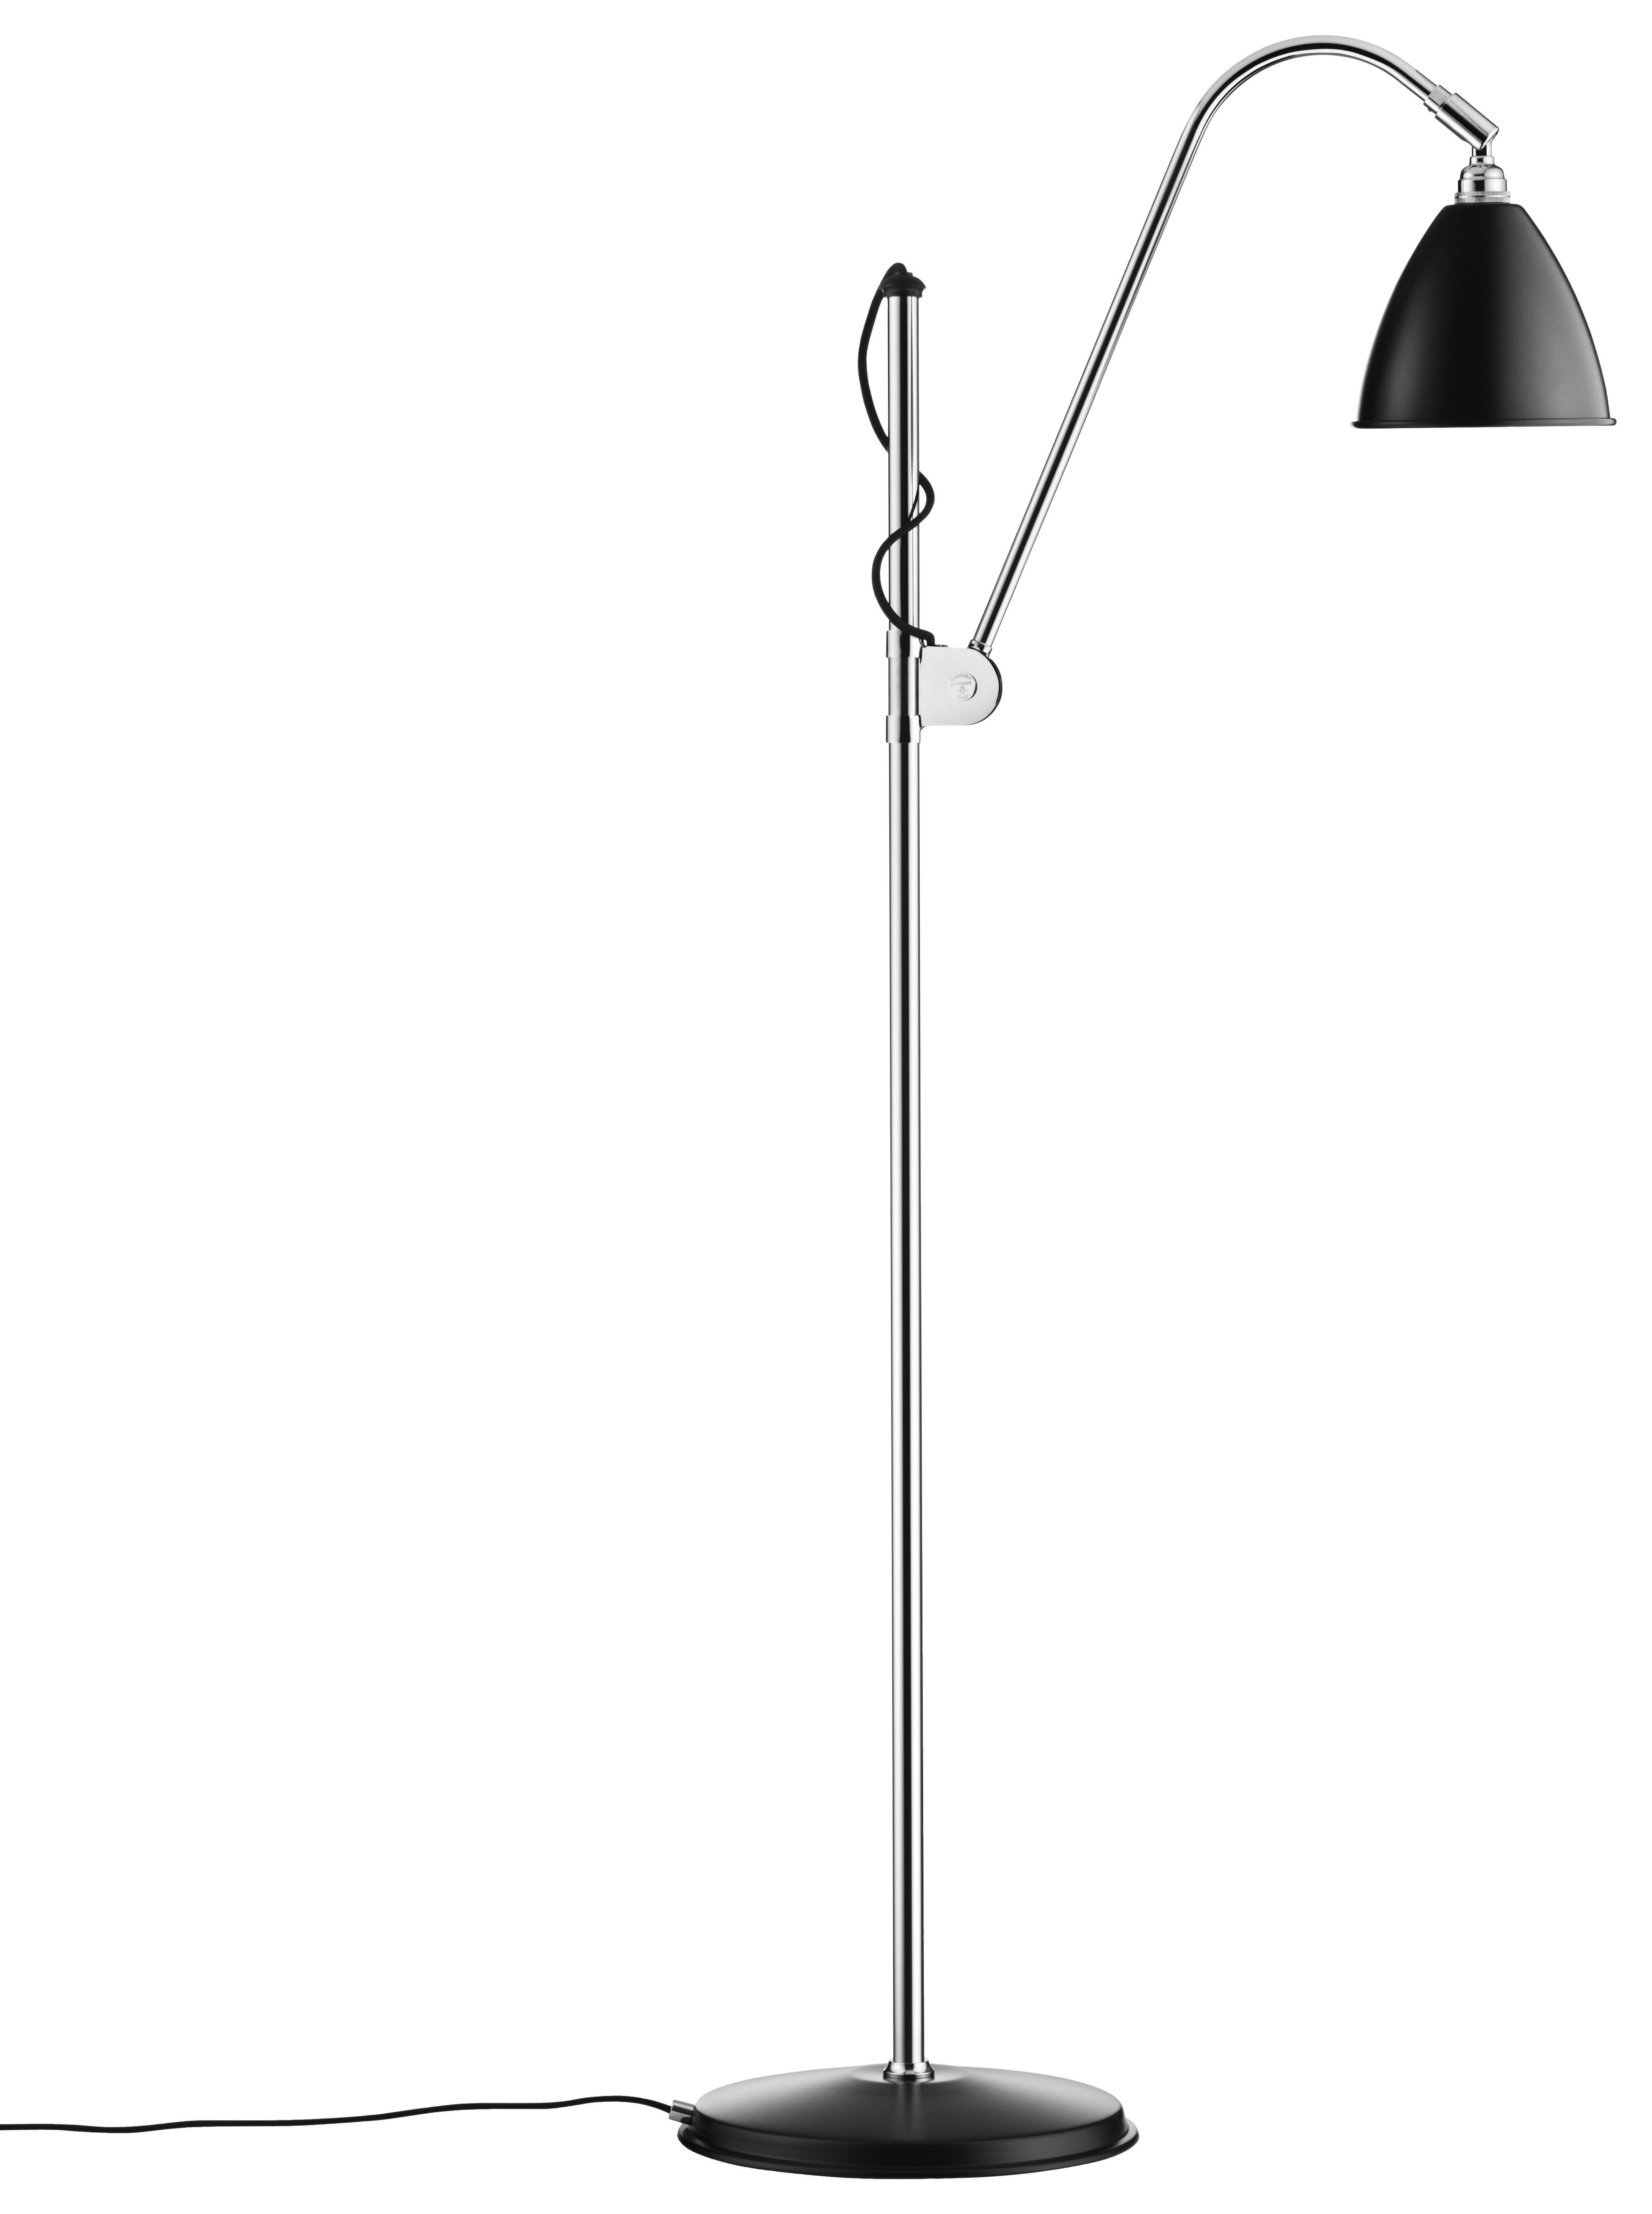 Leuchten - Stehleuchten - Bestlite BL3 Stehleuchte - Neuauflage von 1930 - Gubi - Schwarz - verchromtes Metall